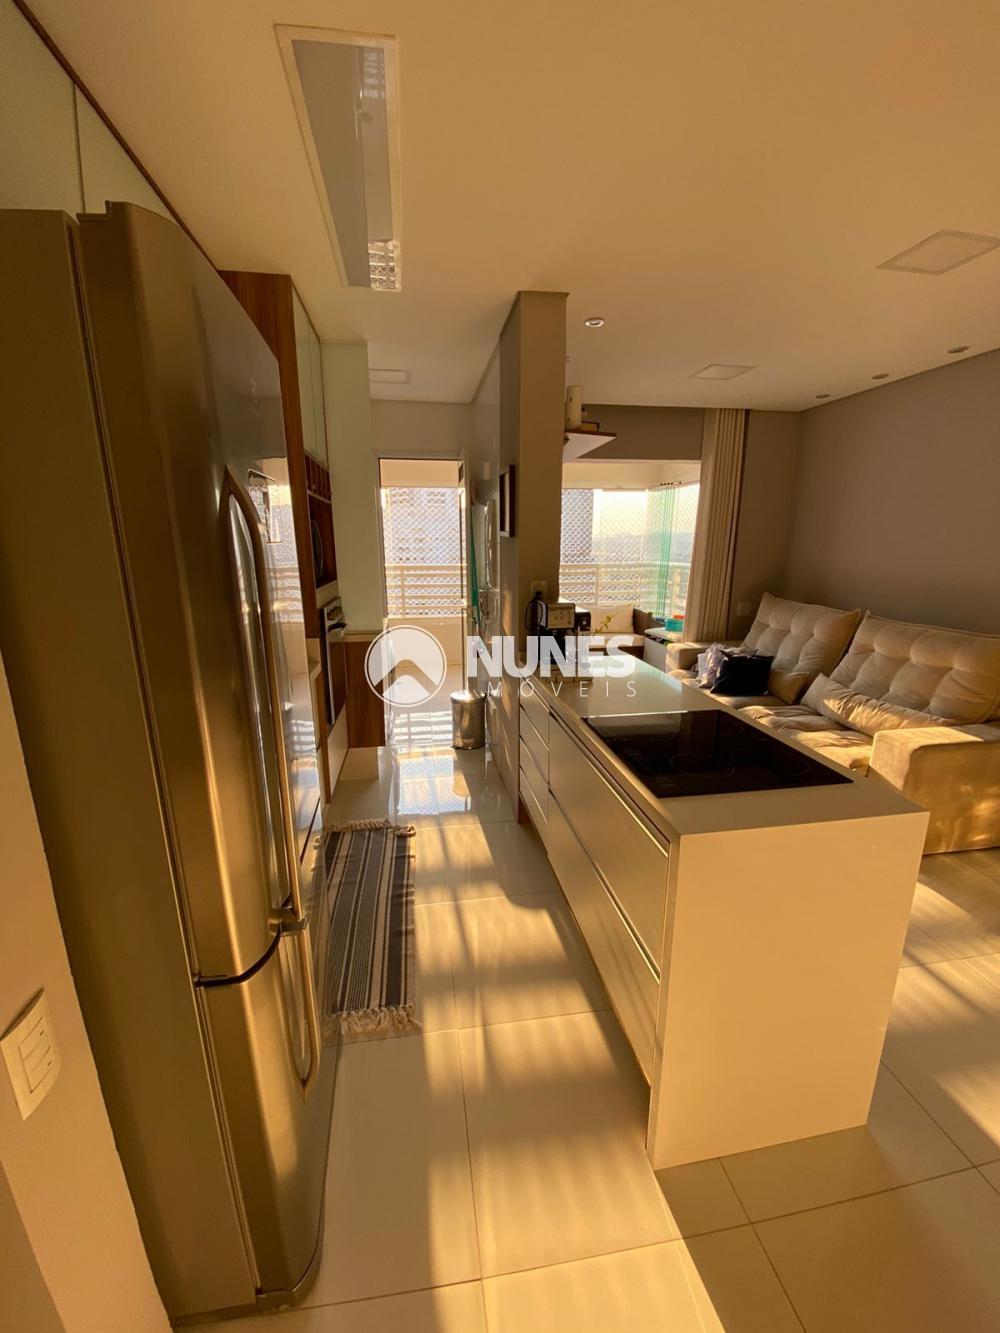 Comprar Apartamento / Padrão em Osasco R$ 650.000,00 - Foto 16